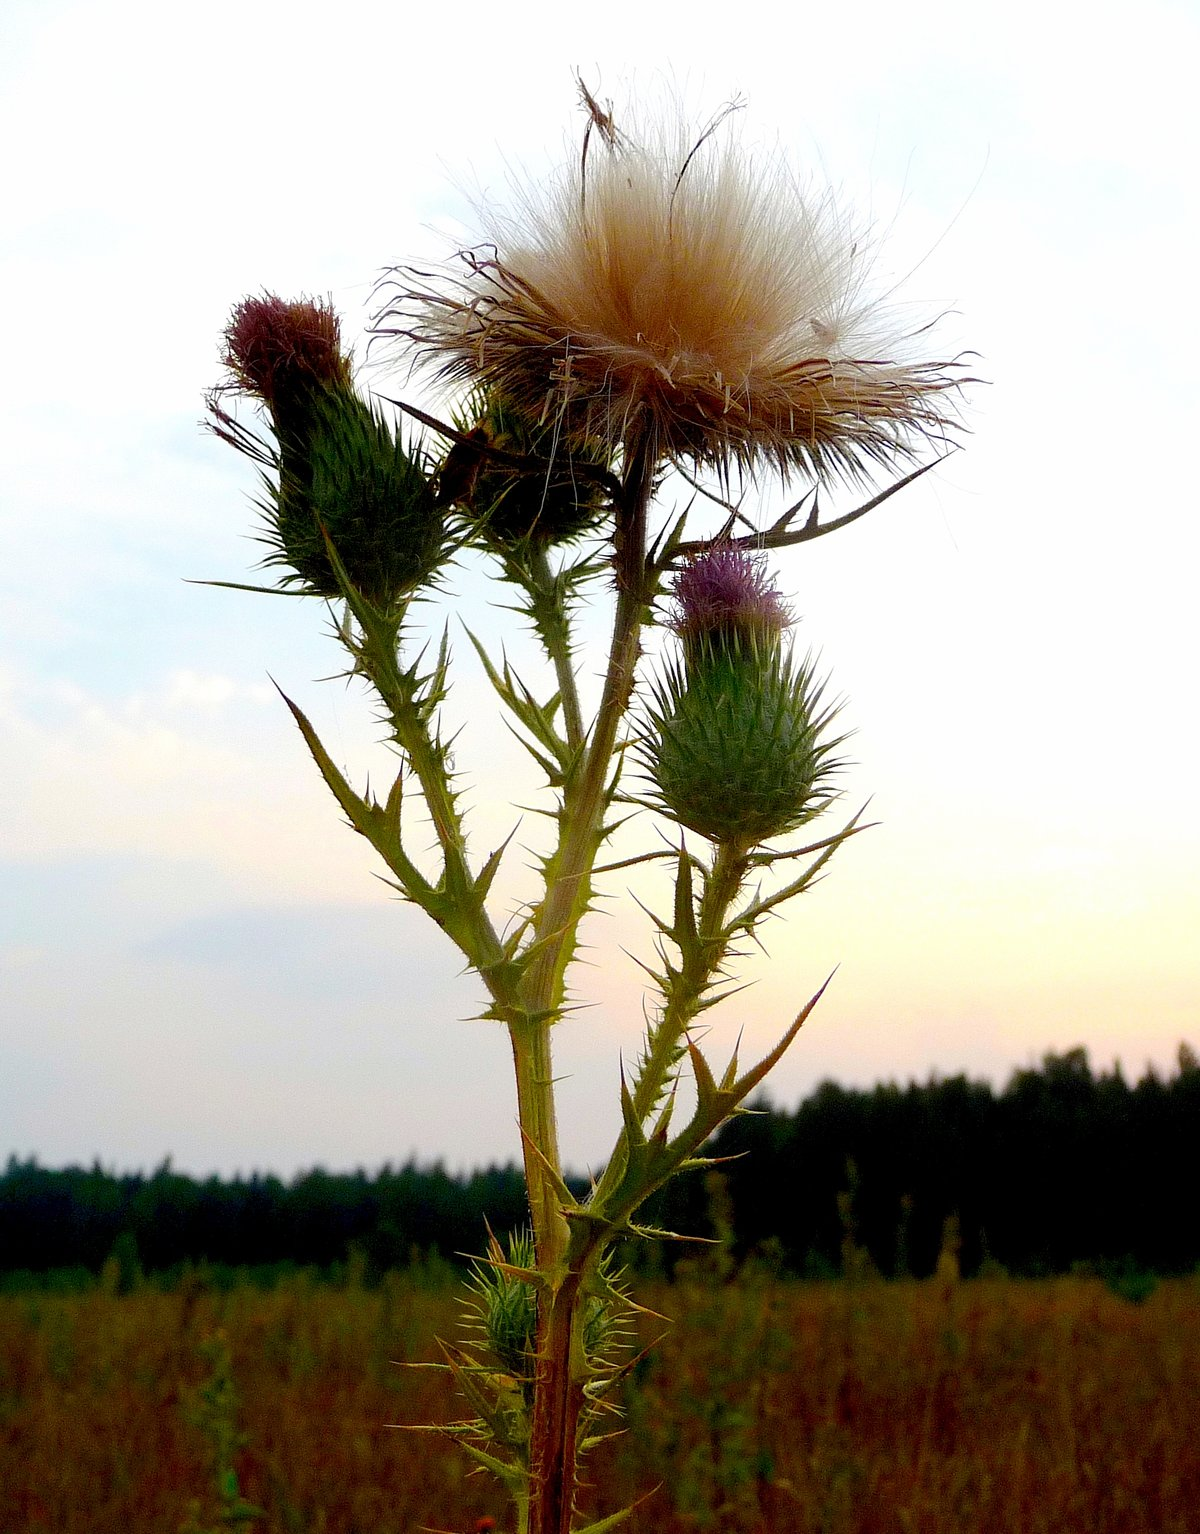 многих фотография травы чертополох снудов